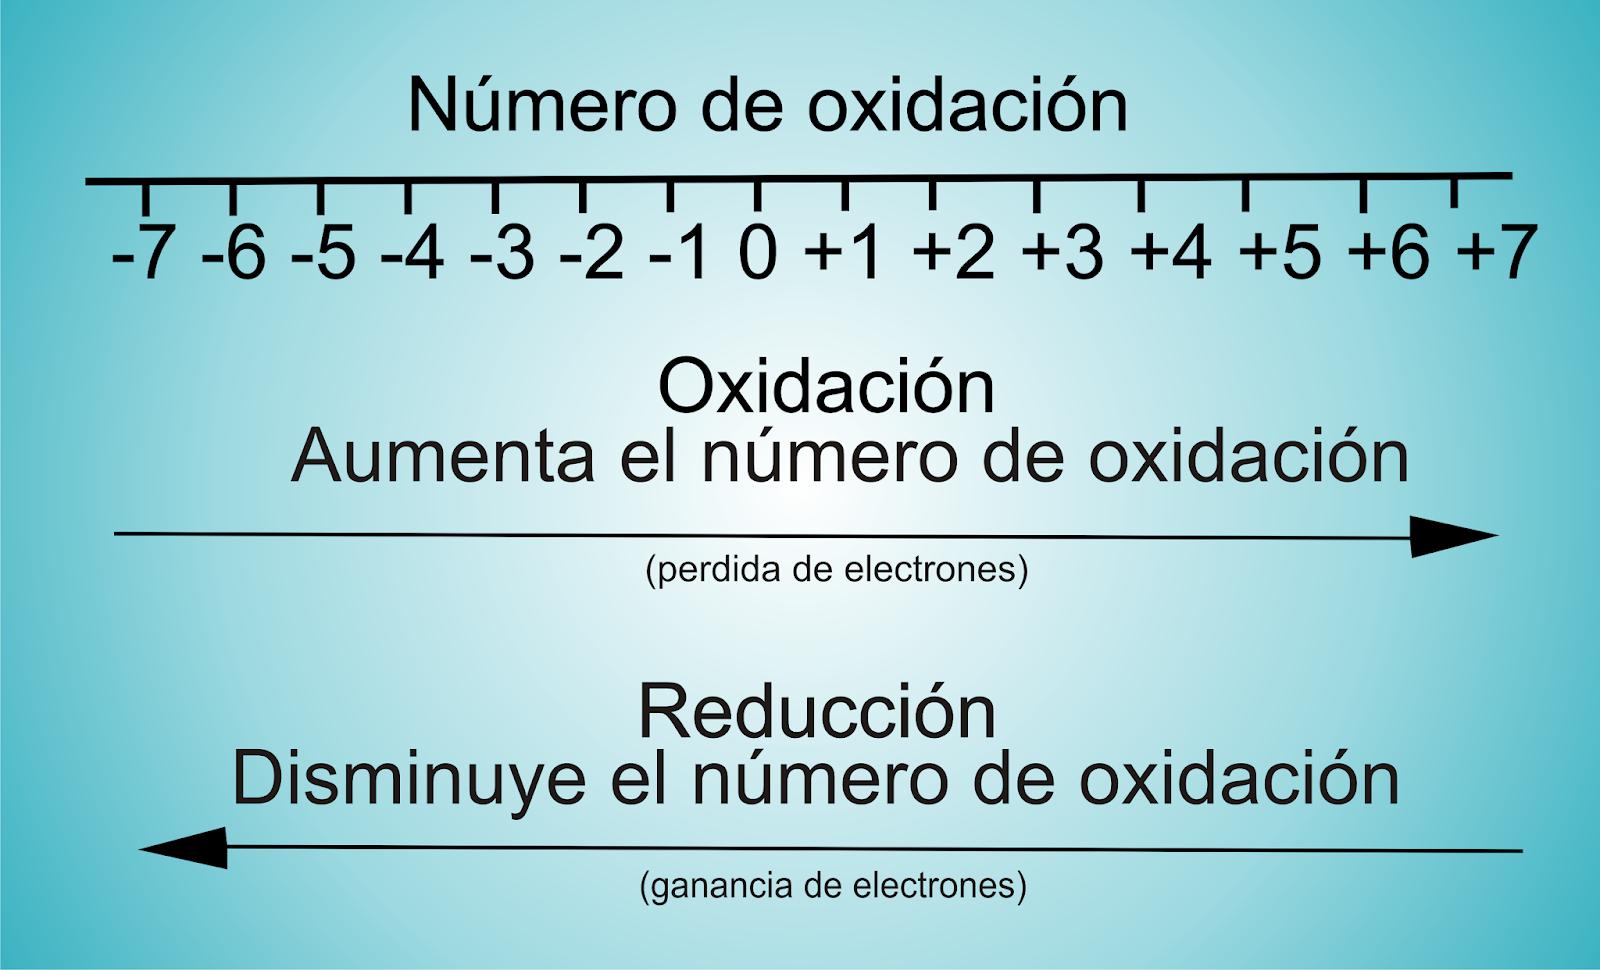 2.2.5 NÚMERO DE OXIDACIÓN - Ángeles Pava-Química